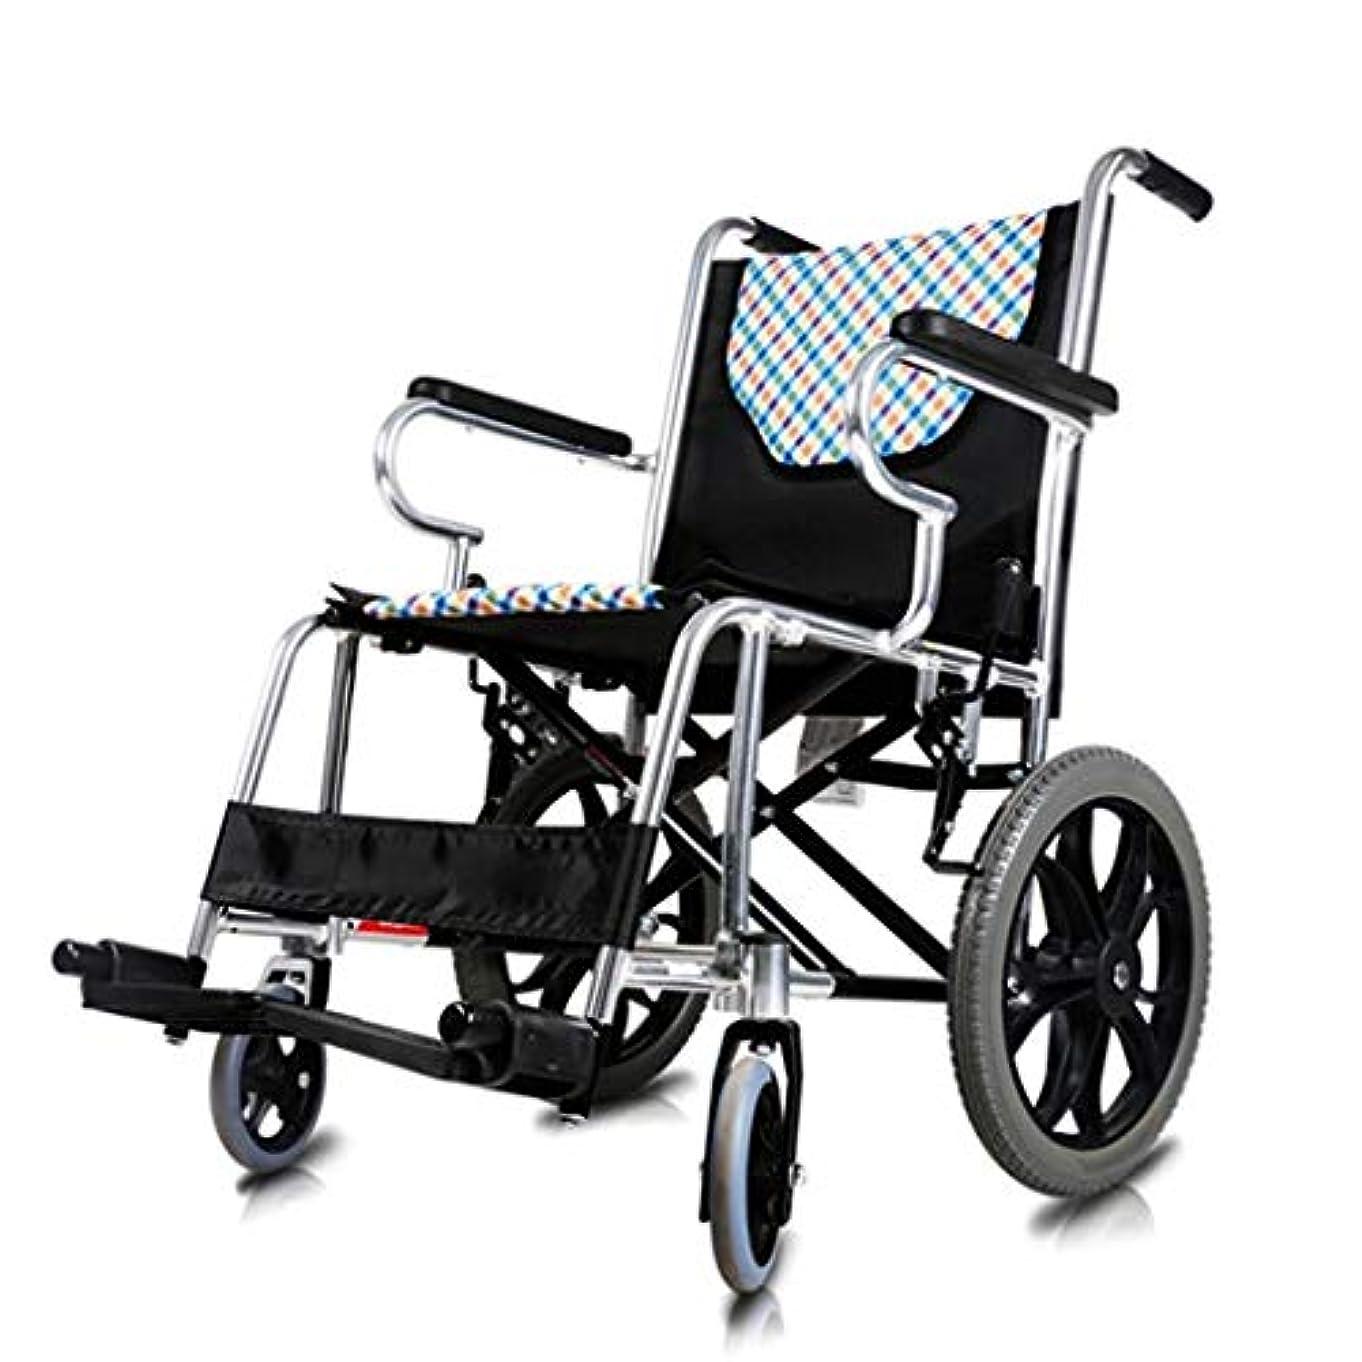 お香却下する固体折り畳み式の車椅子手動軽量アルミニウム合金。高齢者、障害者、およびリハビリテーション患者のための車椅子